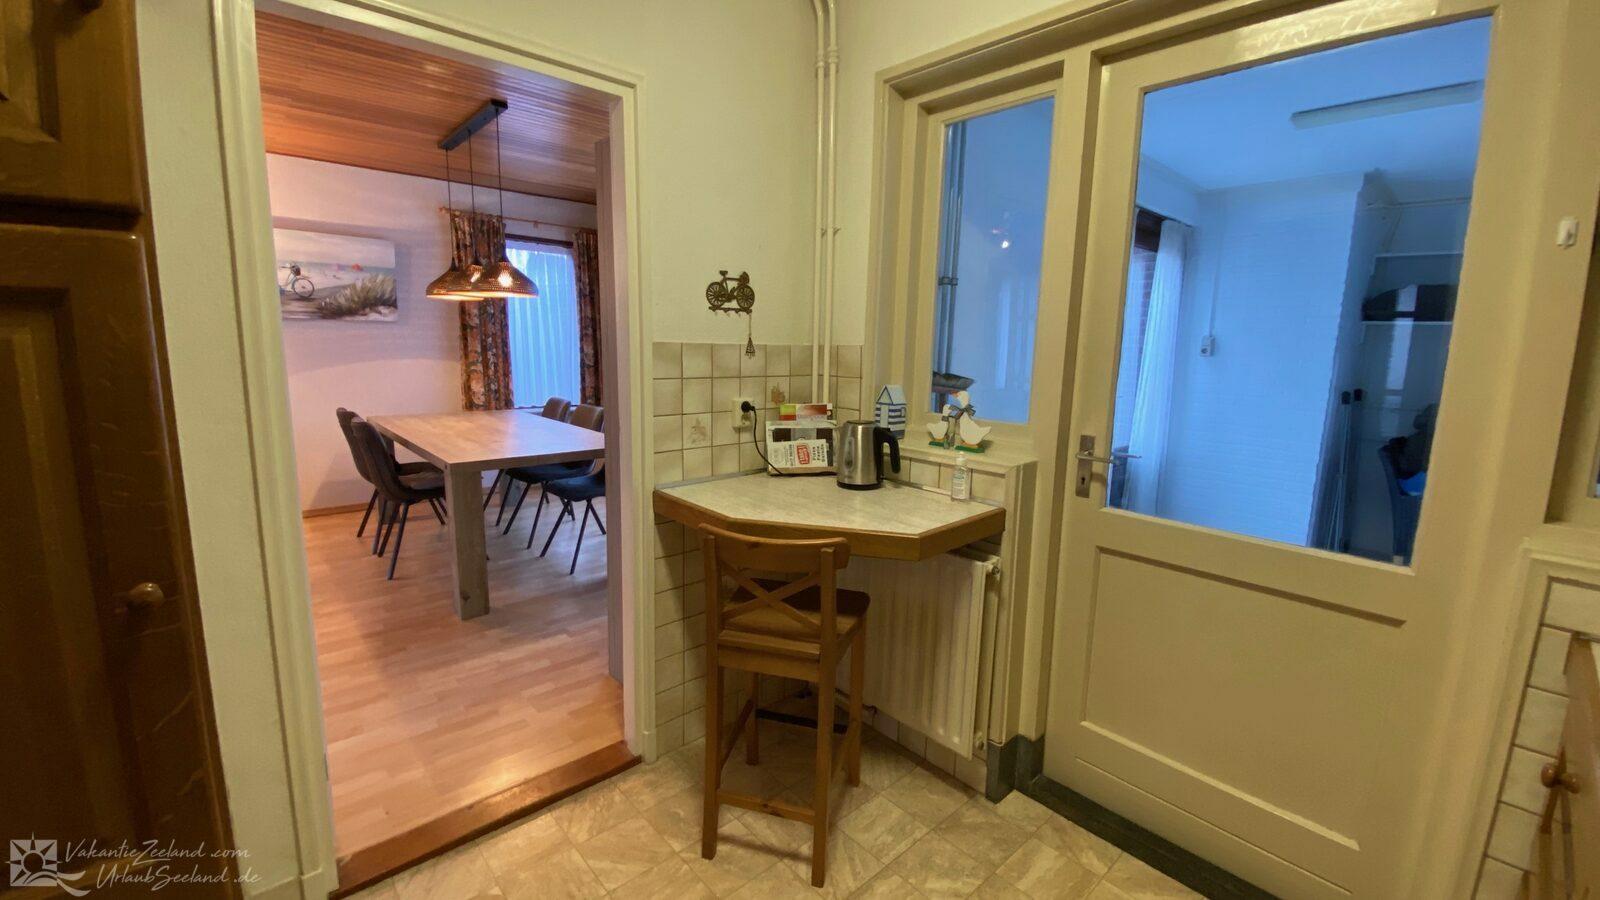 VZ730  Vakantiehuis Cadzand-Bad